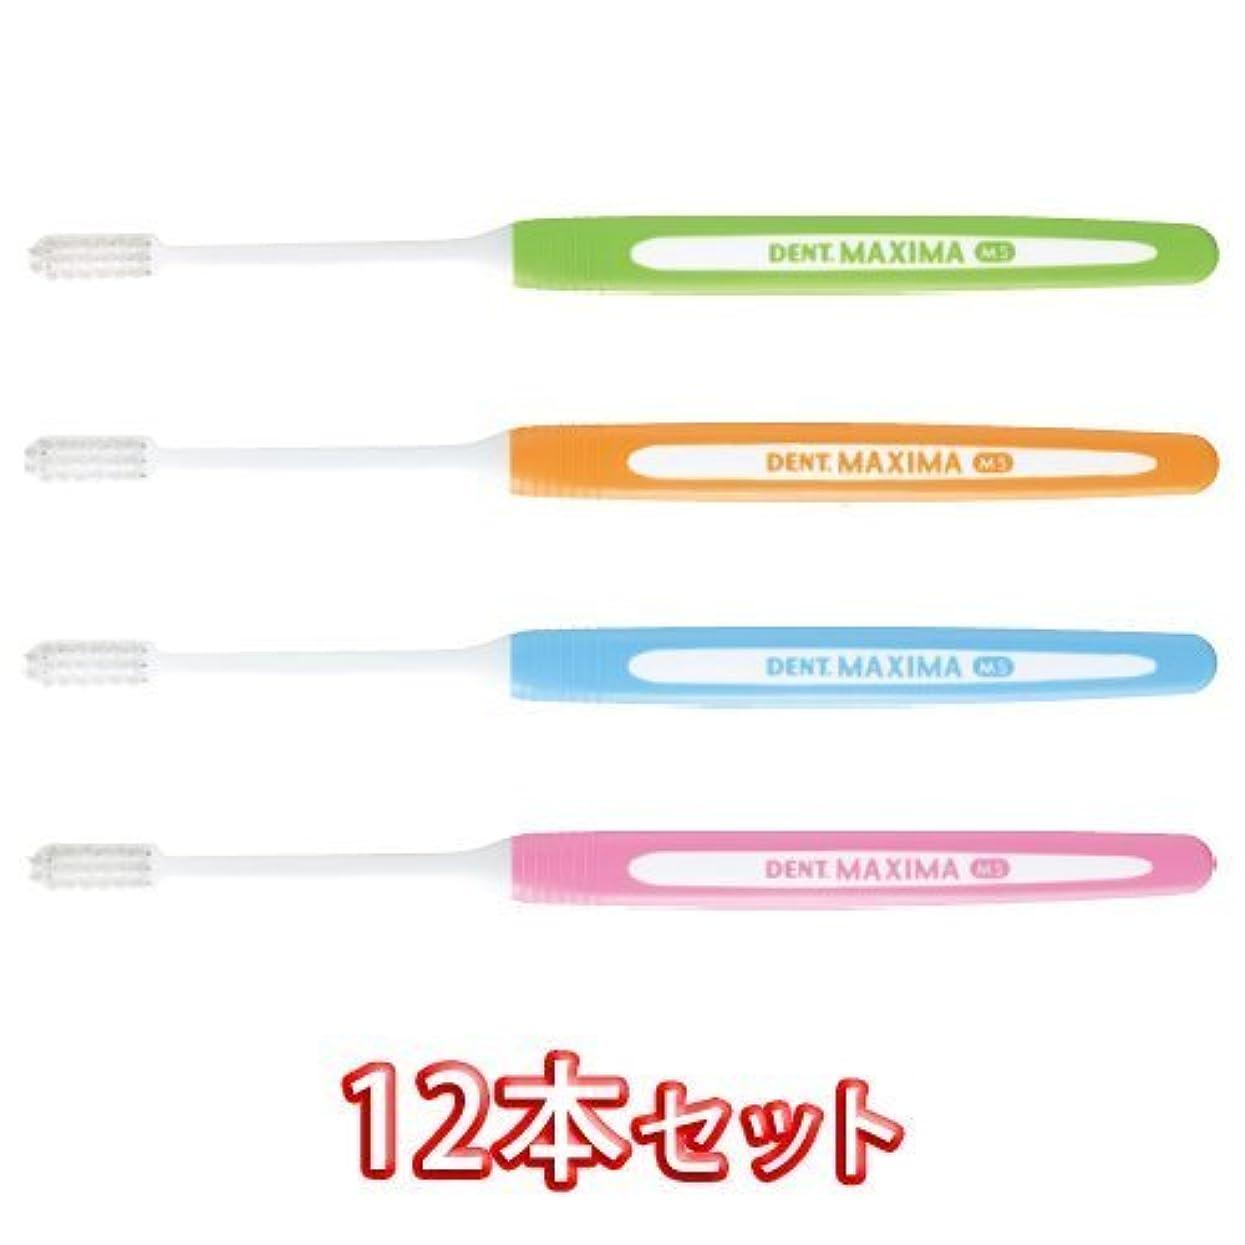 ユーモラスロータリーもろいライオン DENT.MAXIMA ハブラシ MS(ミディアムソフト) × 12本【デント マキシマ】歯科用 歯ブラシ